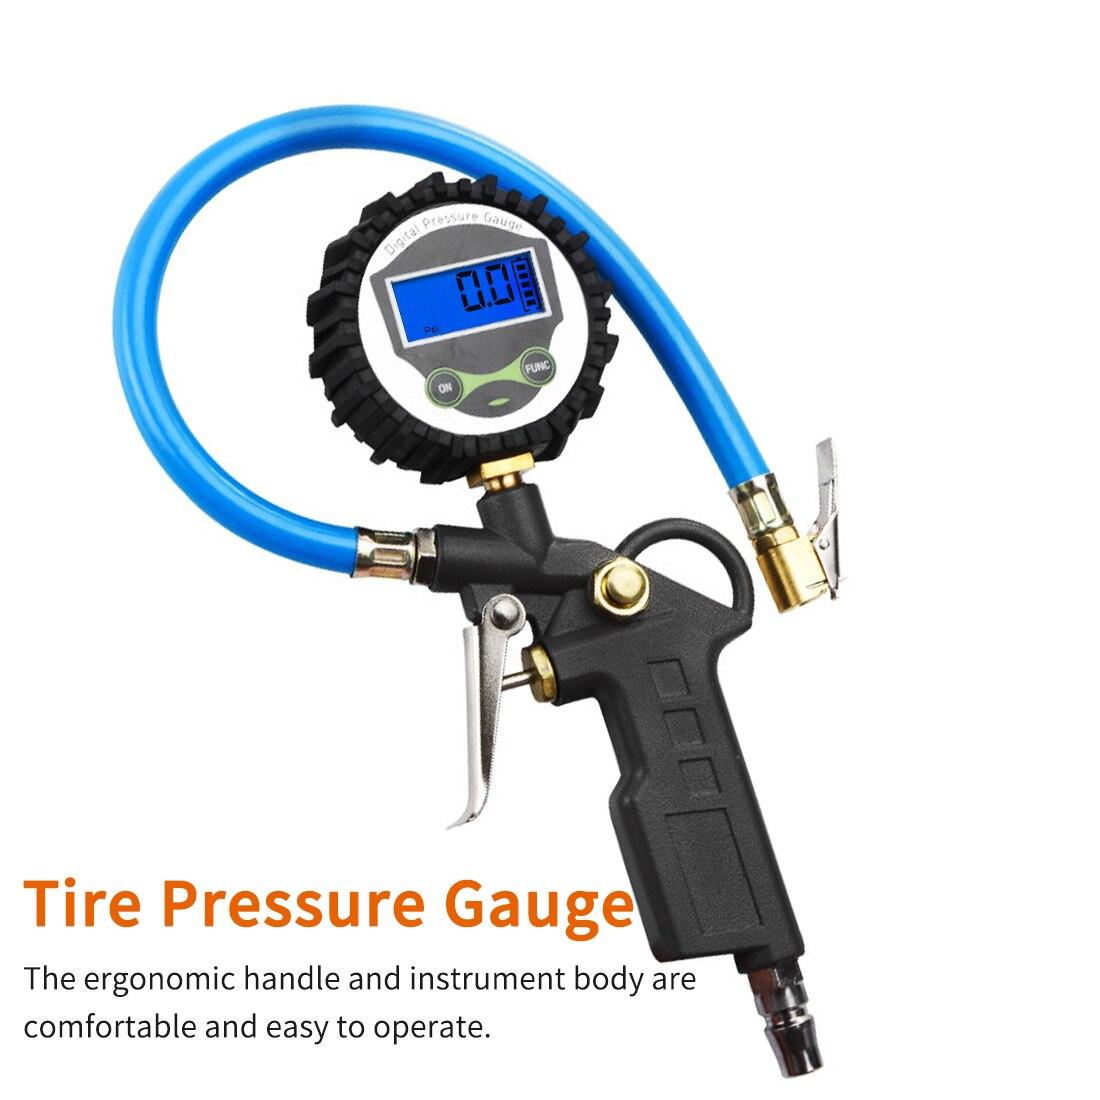 0 220 фунтов/кв. дюйм 0 16 бар монитор давления в шинах манометр автомобильный Автомобильный грузовик Надувное колесо с манометром измеритель давления тестер Системы контроля внутришинного давления      АлиЭкспресс